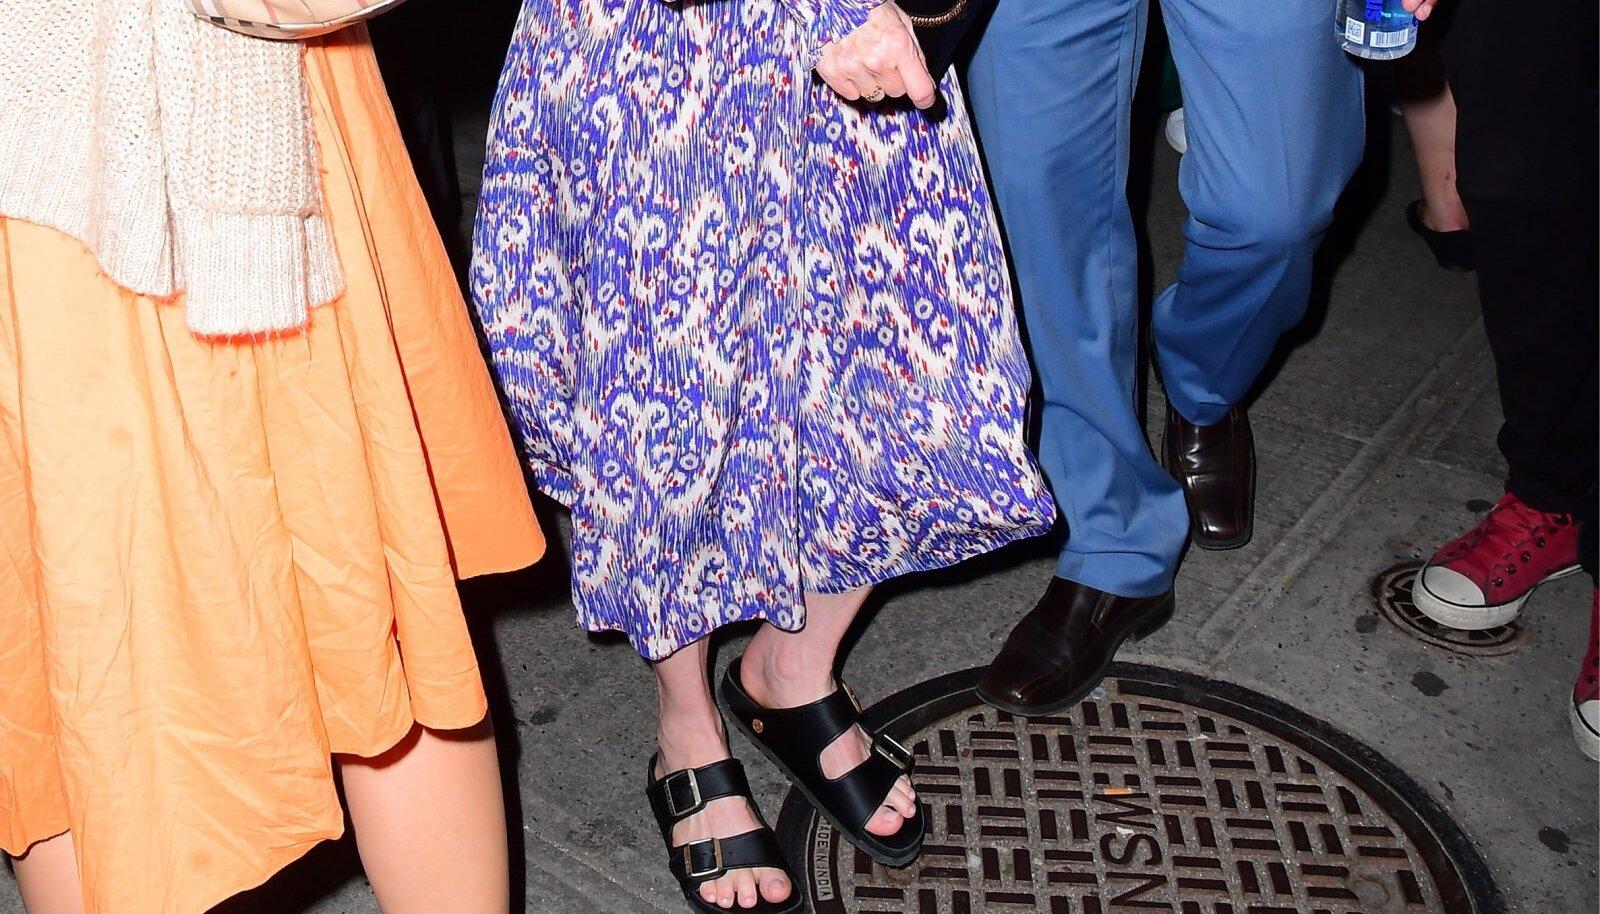 Julianne Moore'i (59) punase vaiba kontsadest treenitud jalad ilmselt tänavad filmidiiva armastust Birkenstocki sandaalide vastu.